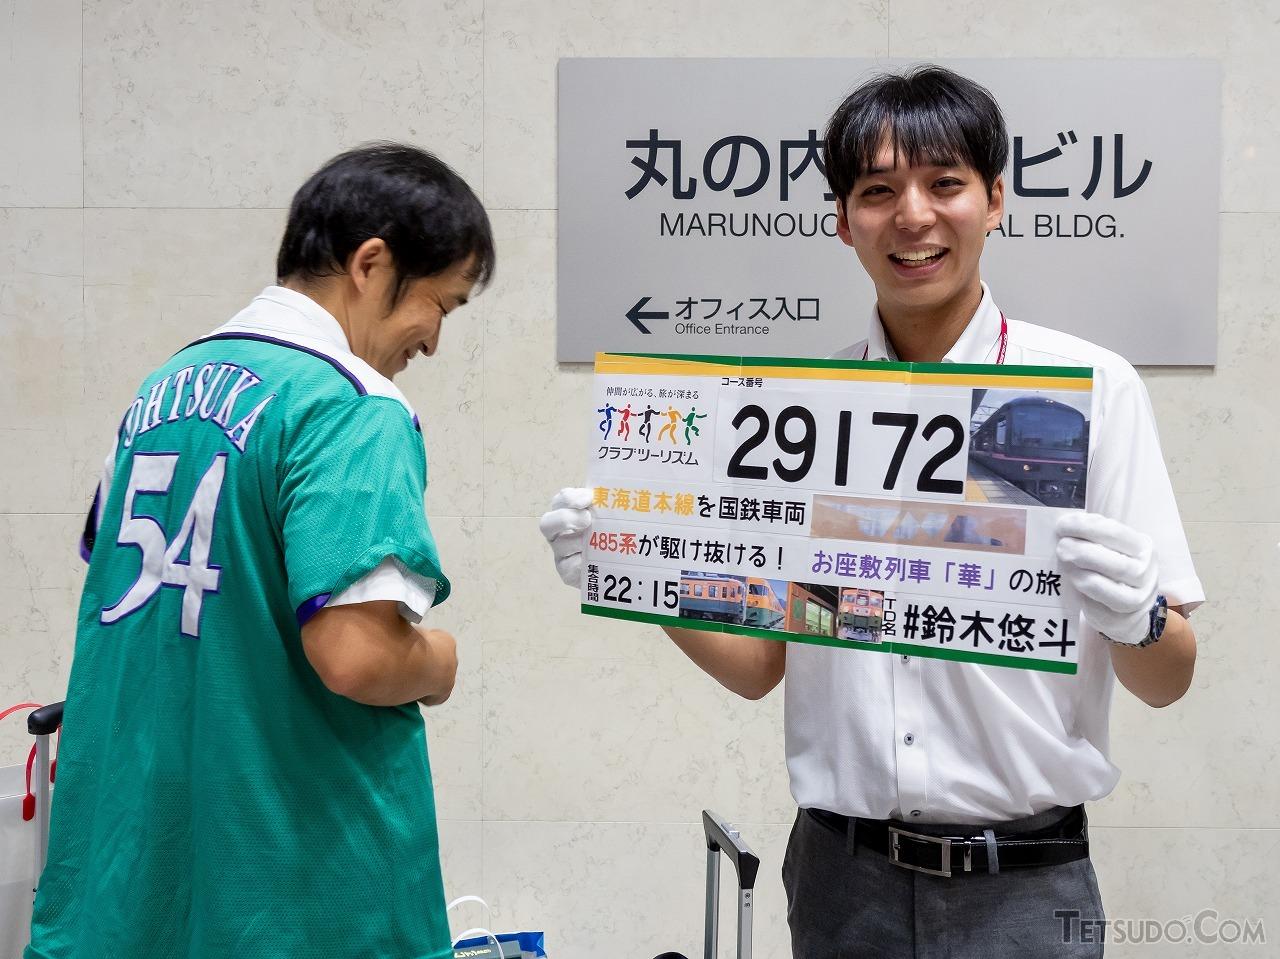 東京駅日本橋口に22時15分集合。「クラブツーリズム鉄道アナウンサー」の鈴木悠斗氏(右)と、お客さんにもすっかりお馴染みになった大塚雅士氏(左)。大塚さんはなぜかファイターズのユニフォームで登場